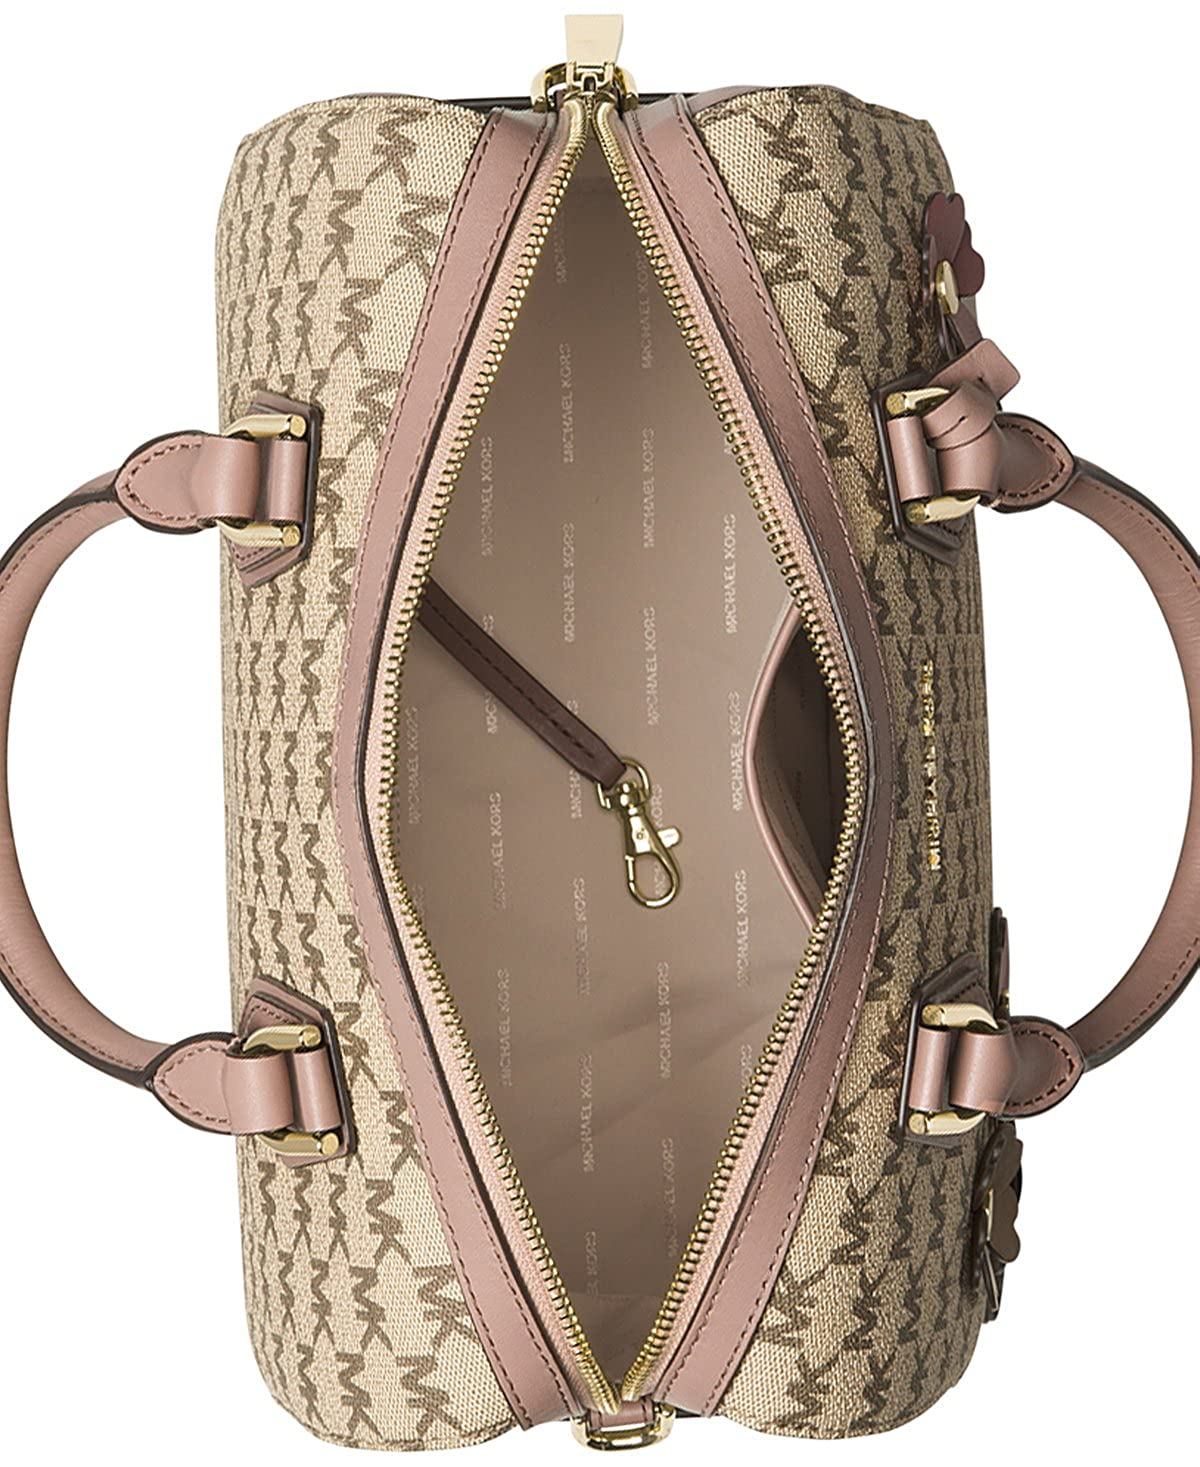 63323d7e9b75 Amazon.com: MICHAEL Michael Kors Flora Appliqué Mercer Medium Duffel  Signature Bag , Natural / Luggage: Shoes